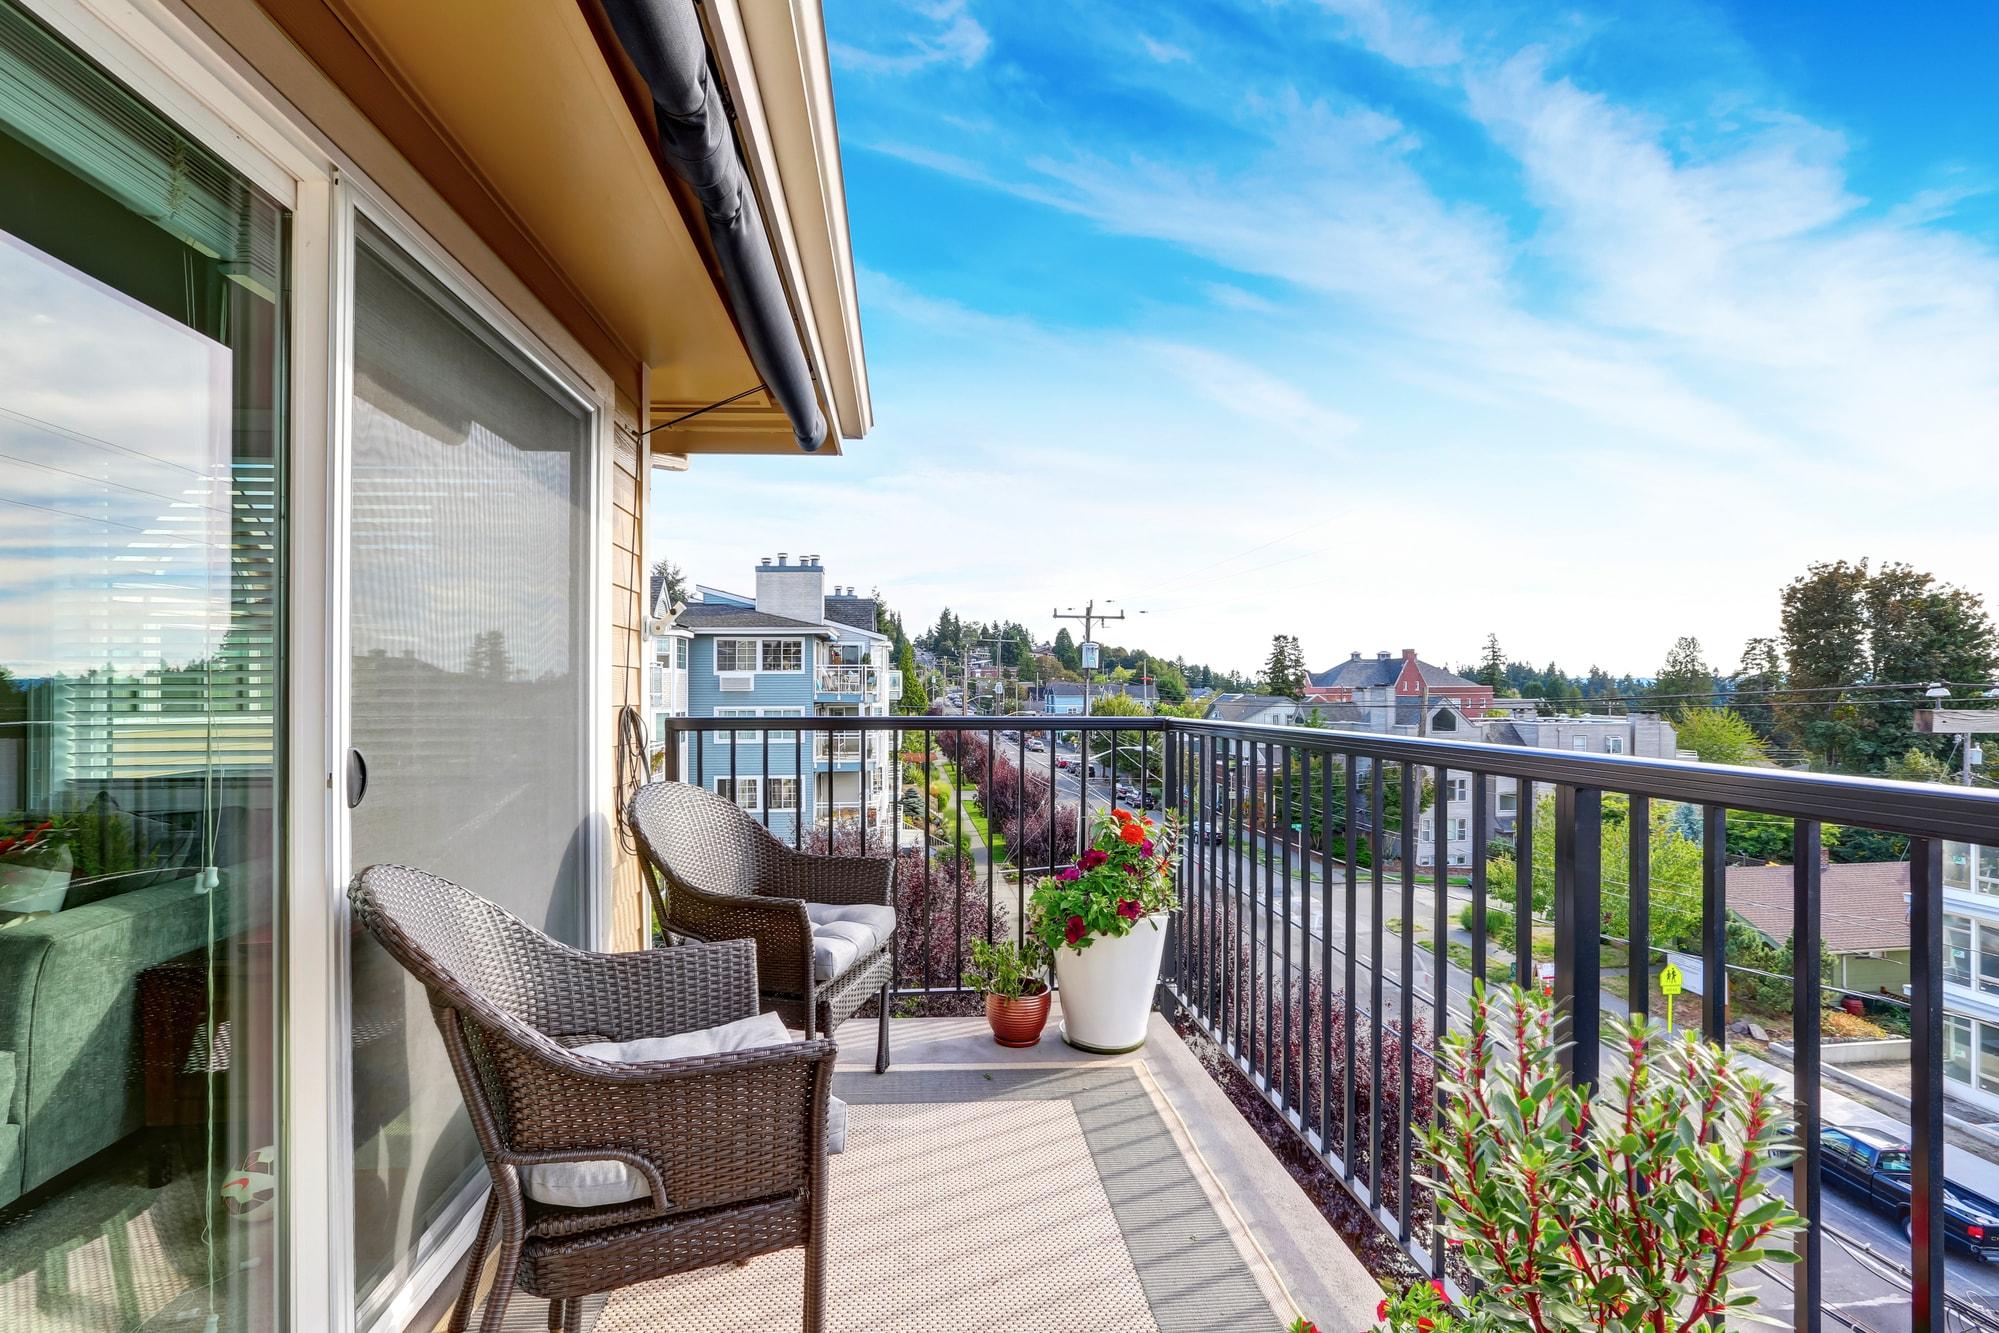 Jakie płytki na balkon - szare